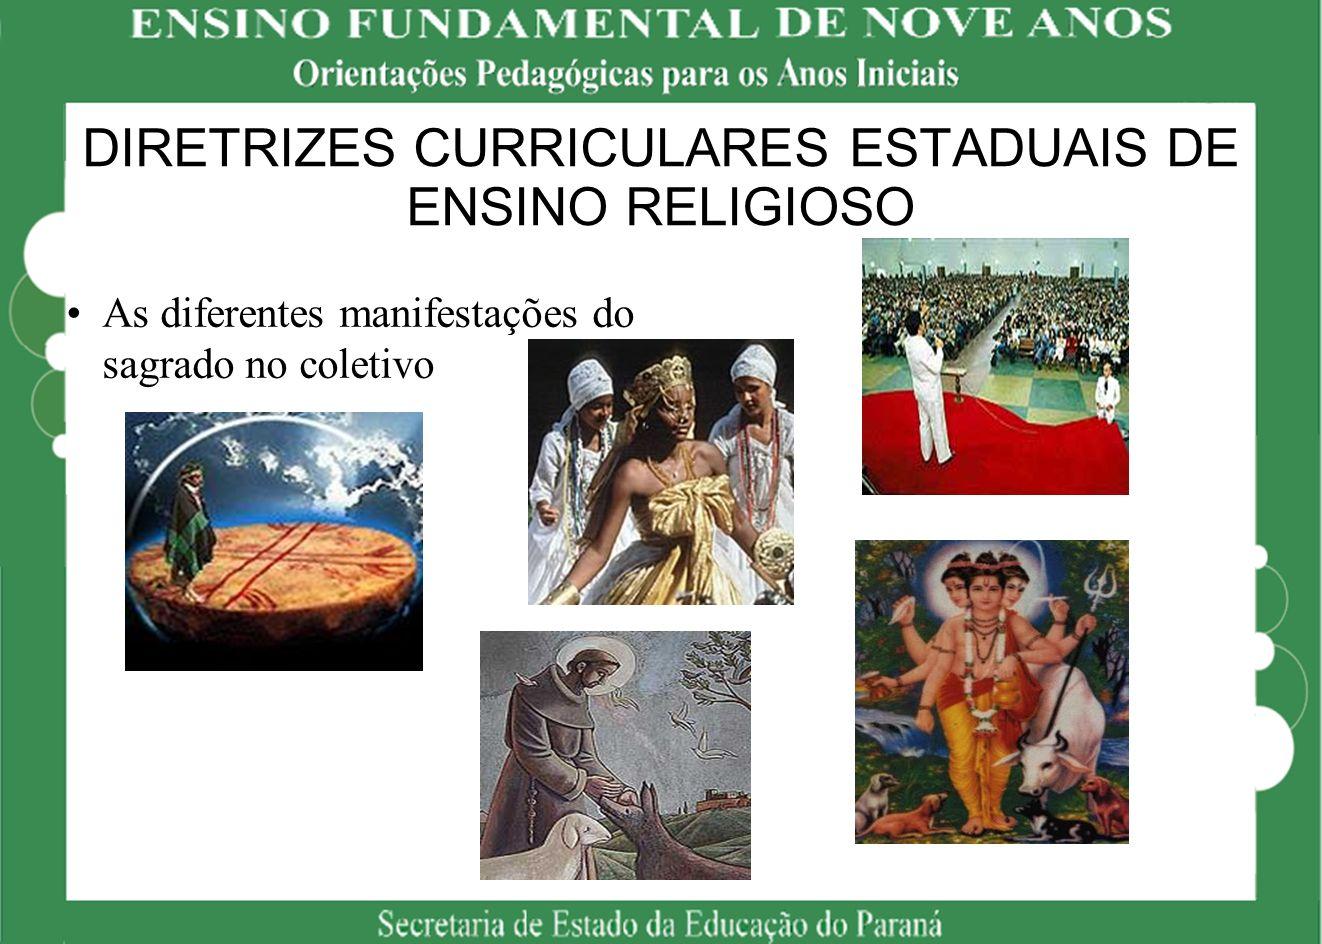 DIRETRIZES CURRICULARES ESTADUAIS DE ENSINO RELIGIOSO As diferentes manifestações do sagrado no coletivo